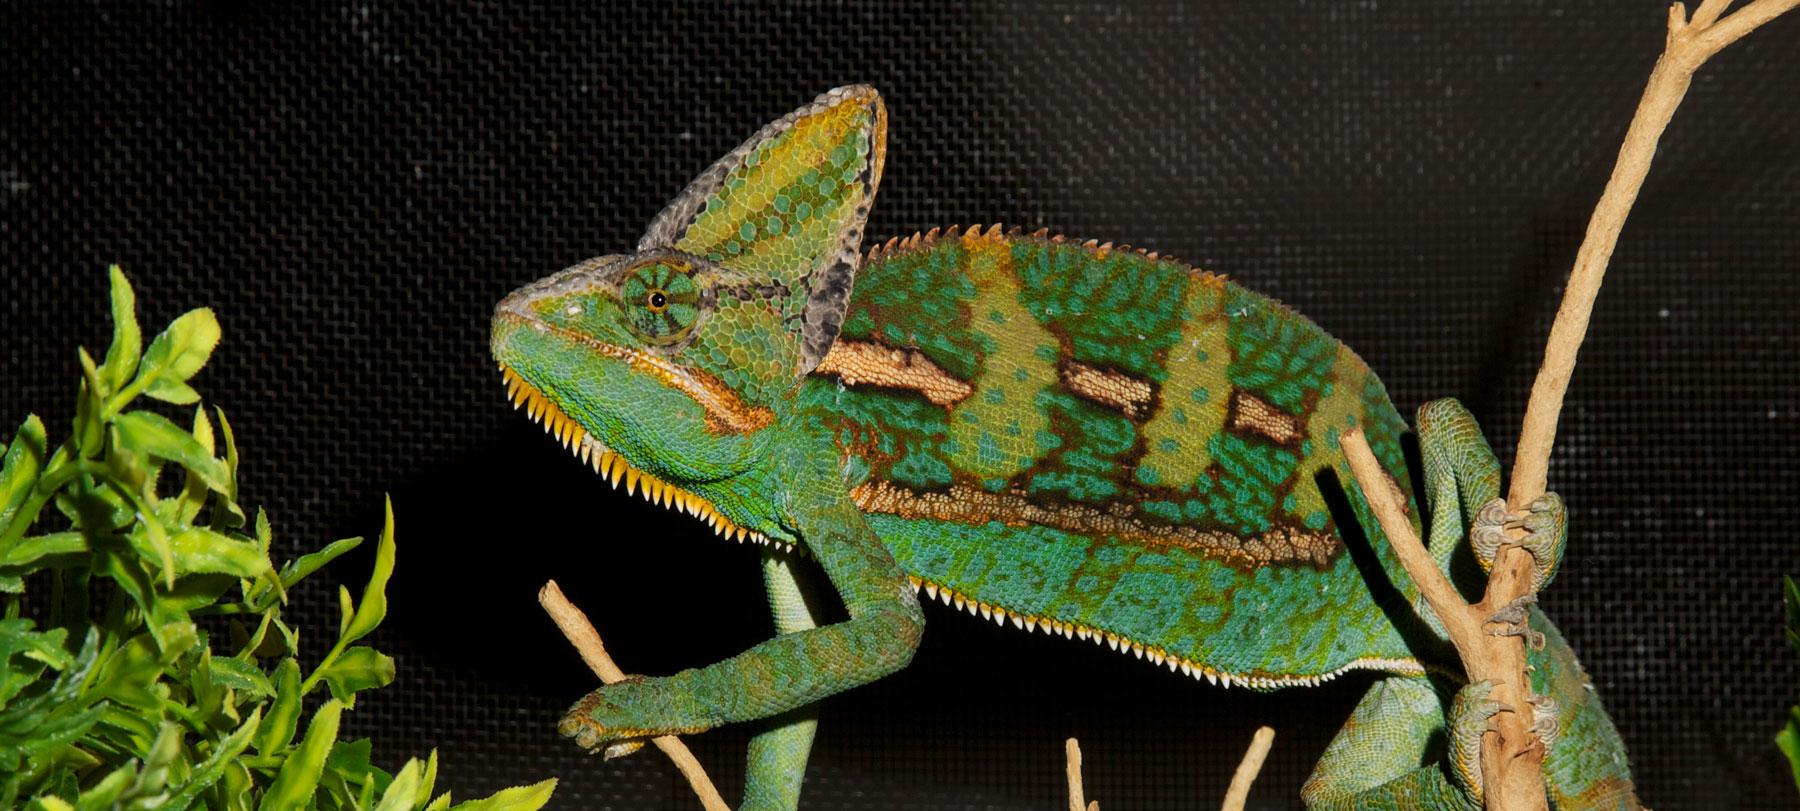 Veiled Chameleon Zoo Med Laboratories Inc